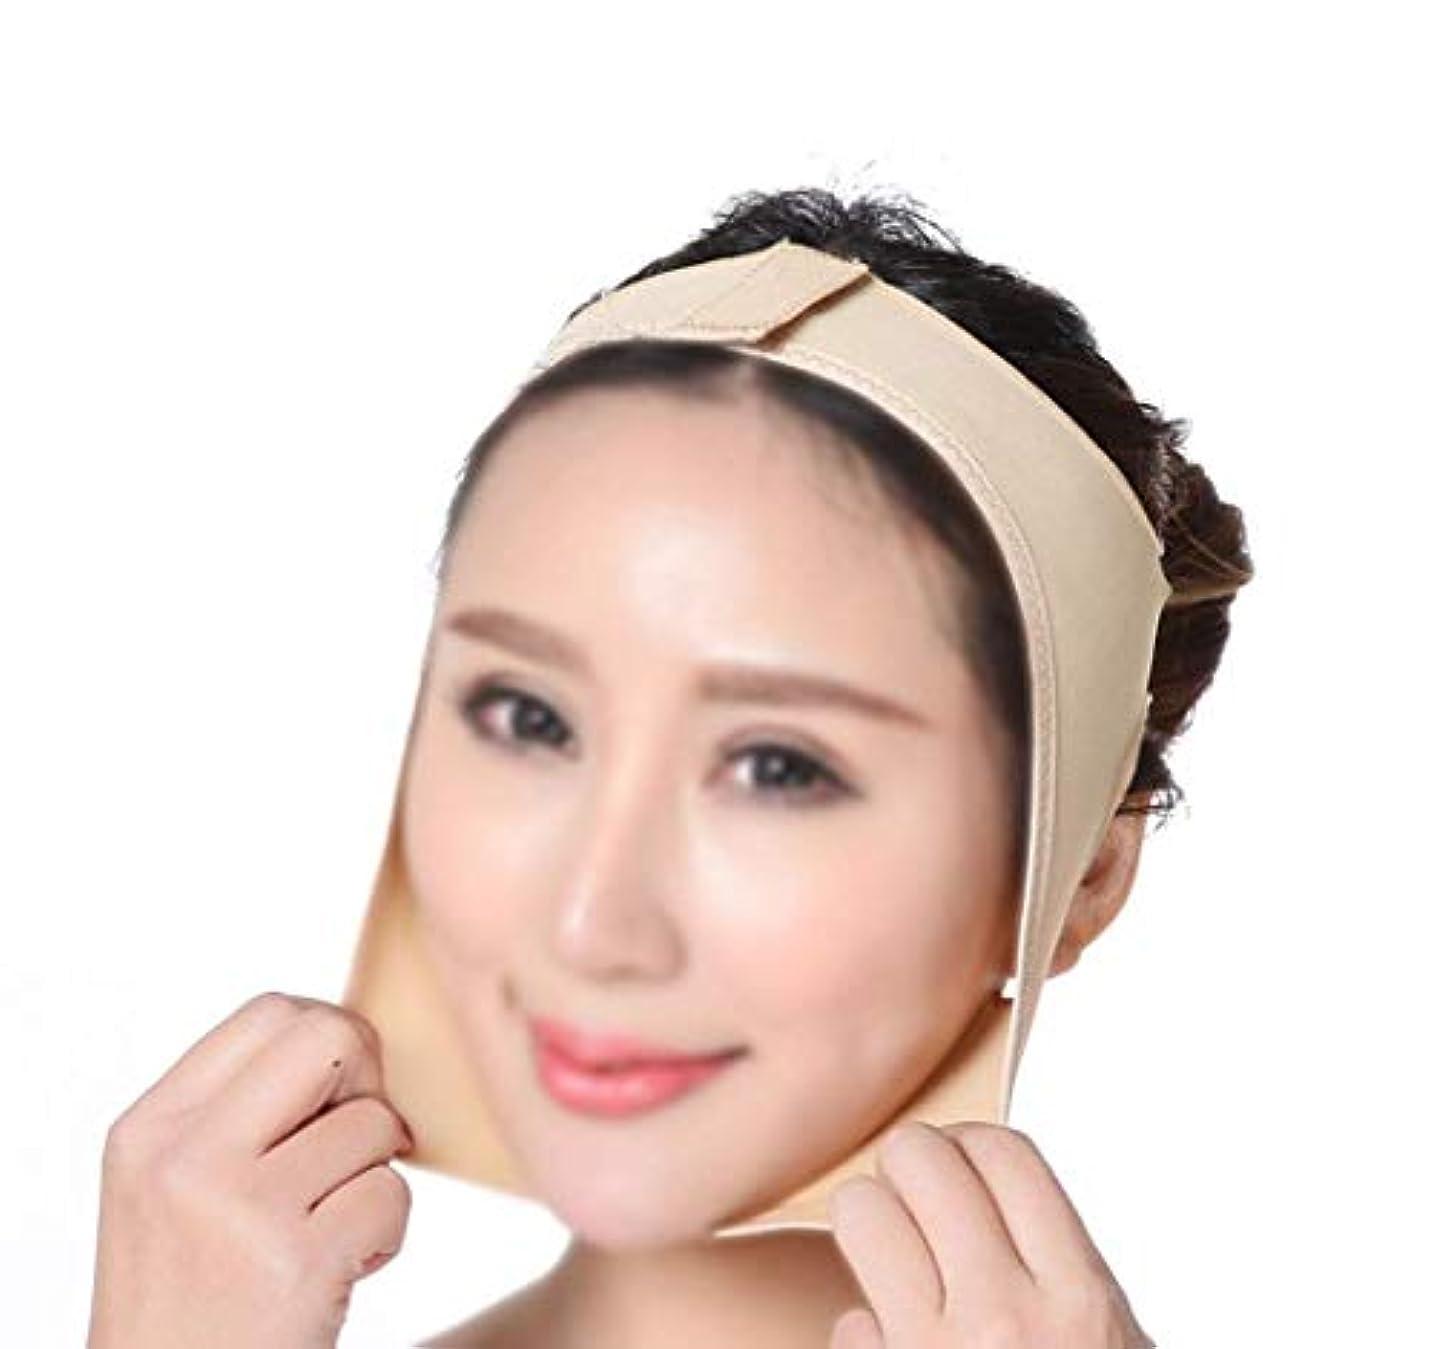 洋服ネコ邪魔ファーミングフェイスマスク、通気性フェイスバンデージVフェイスデバイススリープ薄型フェイスマスクフェイスマッサージ器具フェイスリフティングフェイスリフティングツール(サイズ:Xl),Xl